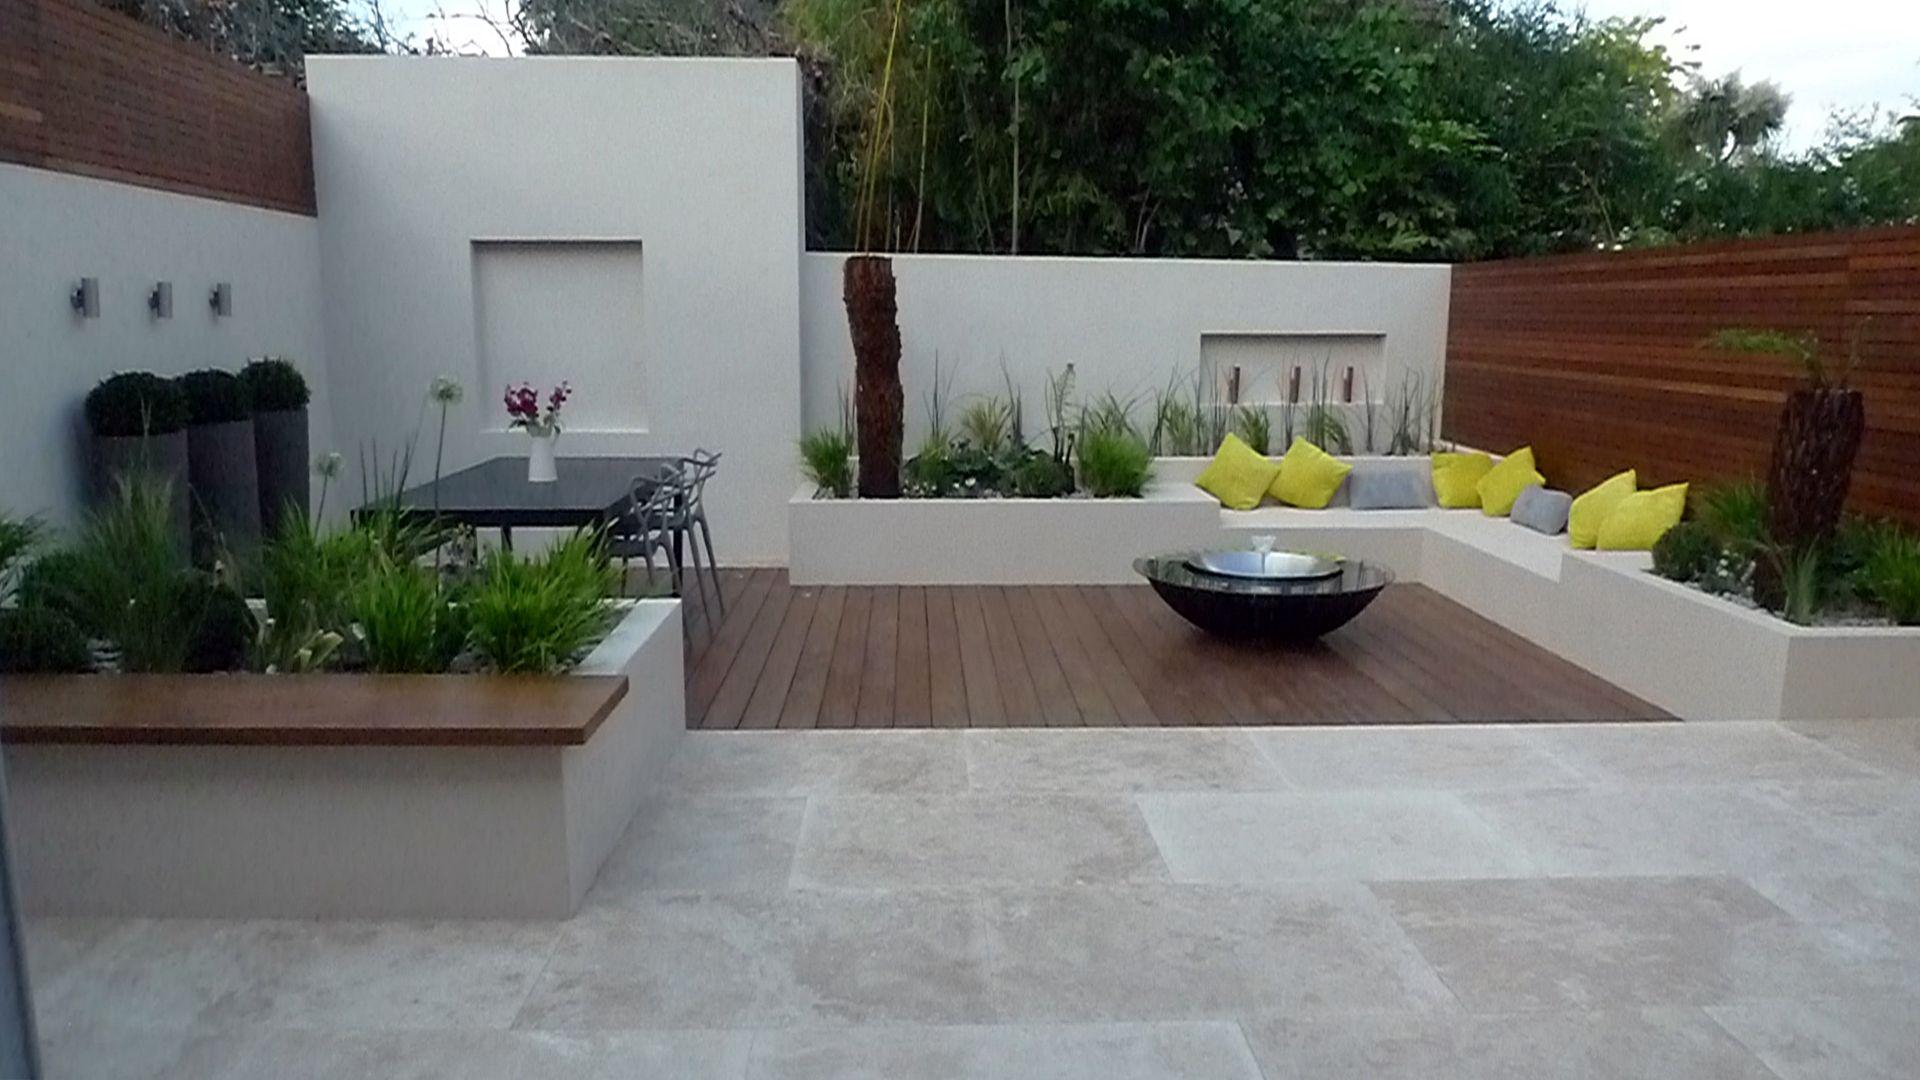 Image Result For Modern Back Garden Ideas Back Garden Design